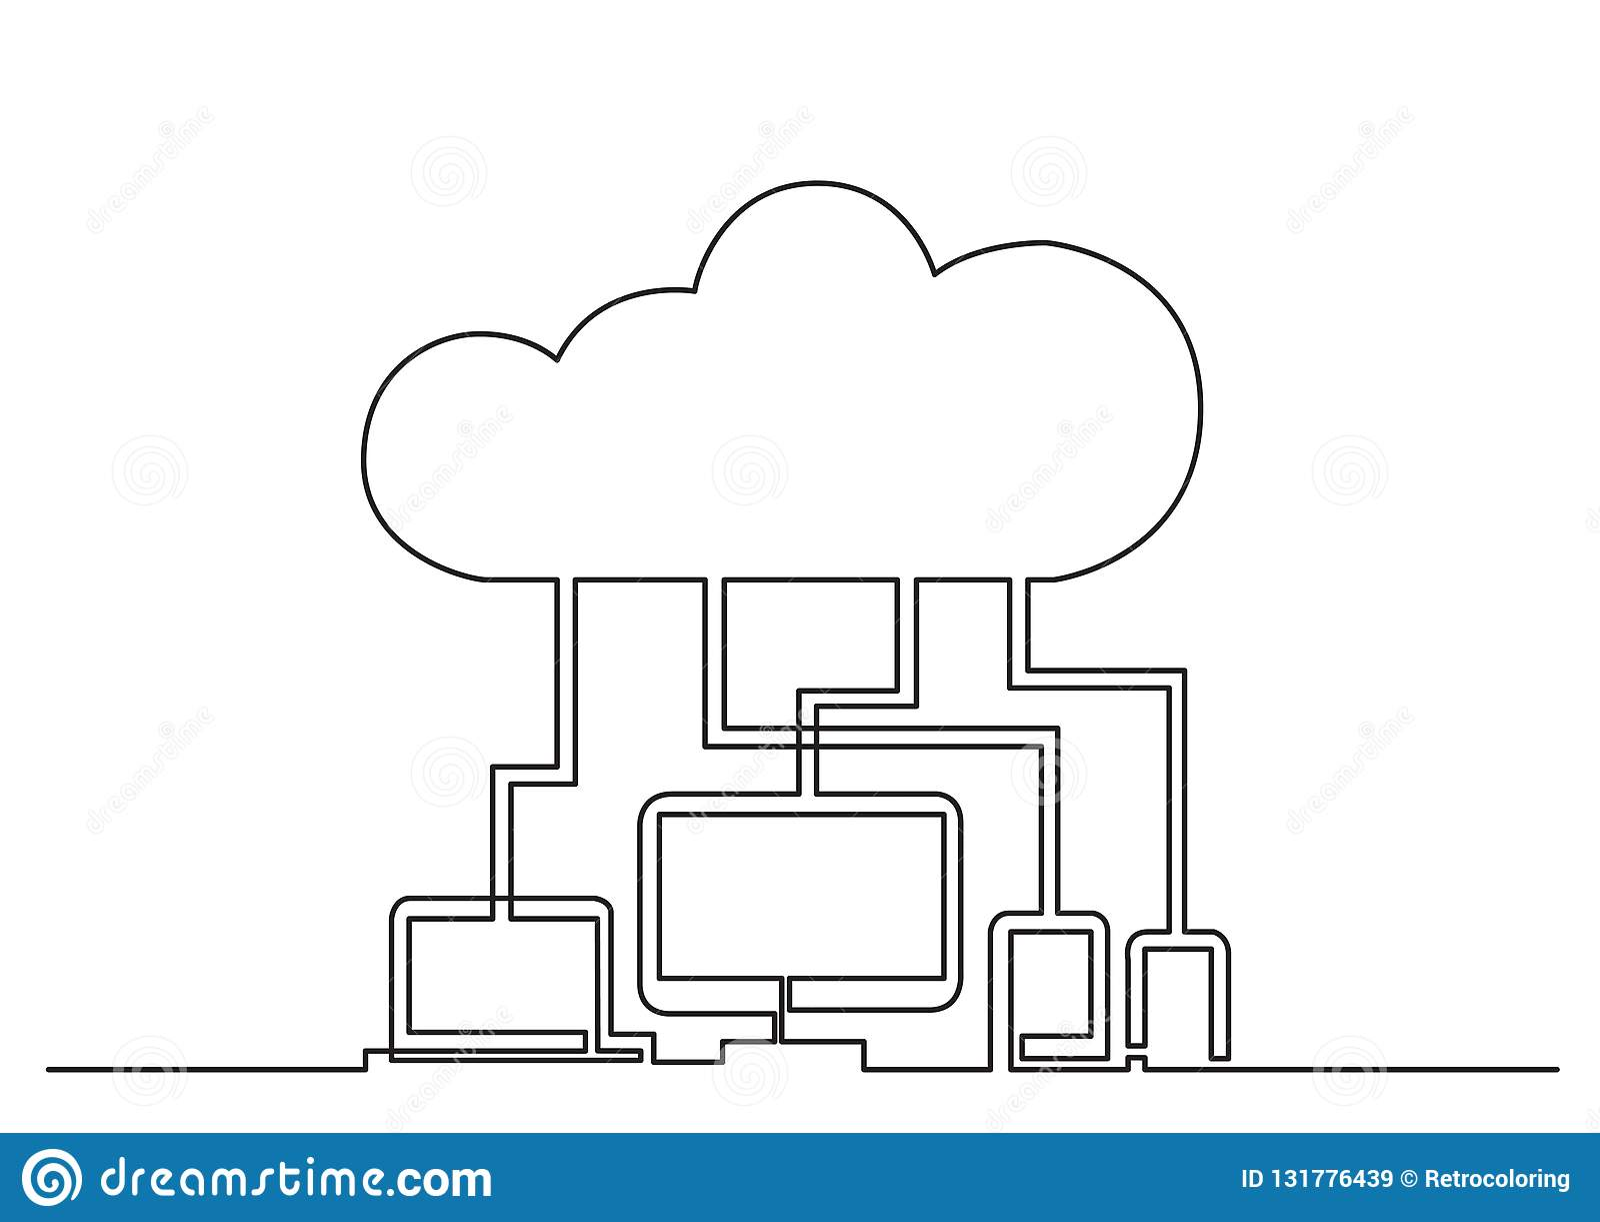 一被隔绝的传染媒介对象-通过云彩被连接的数字设备线描